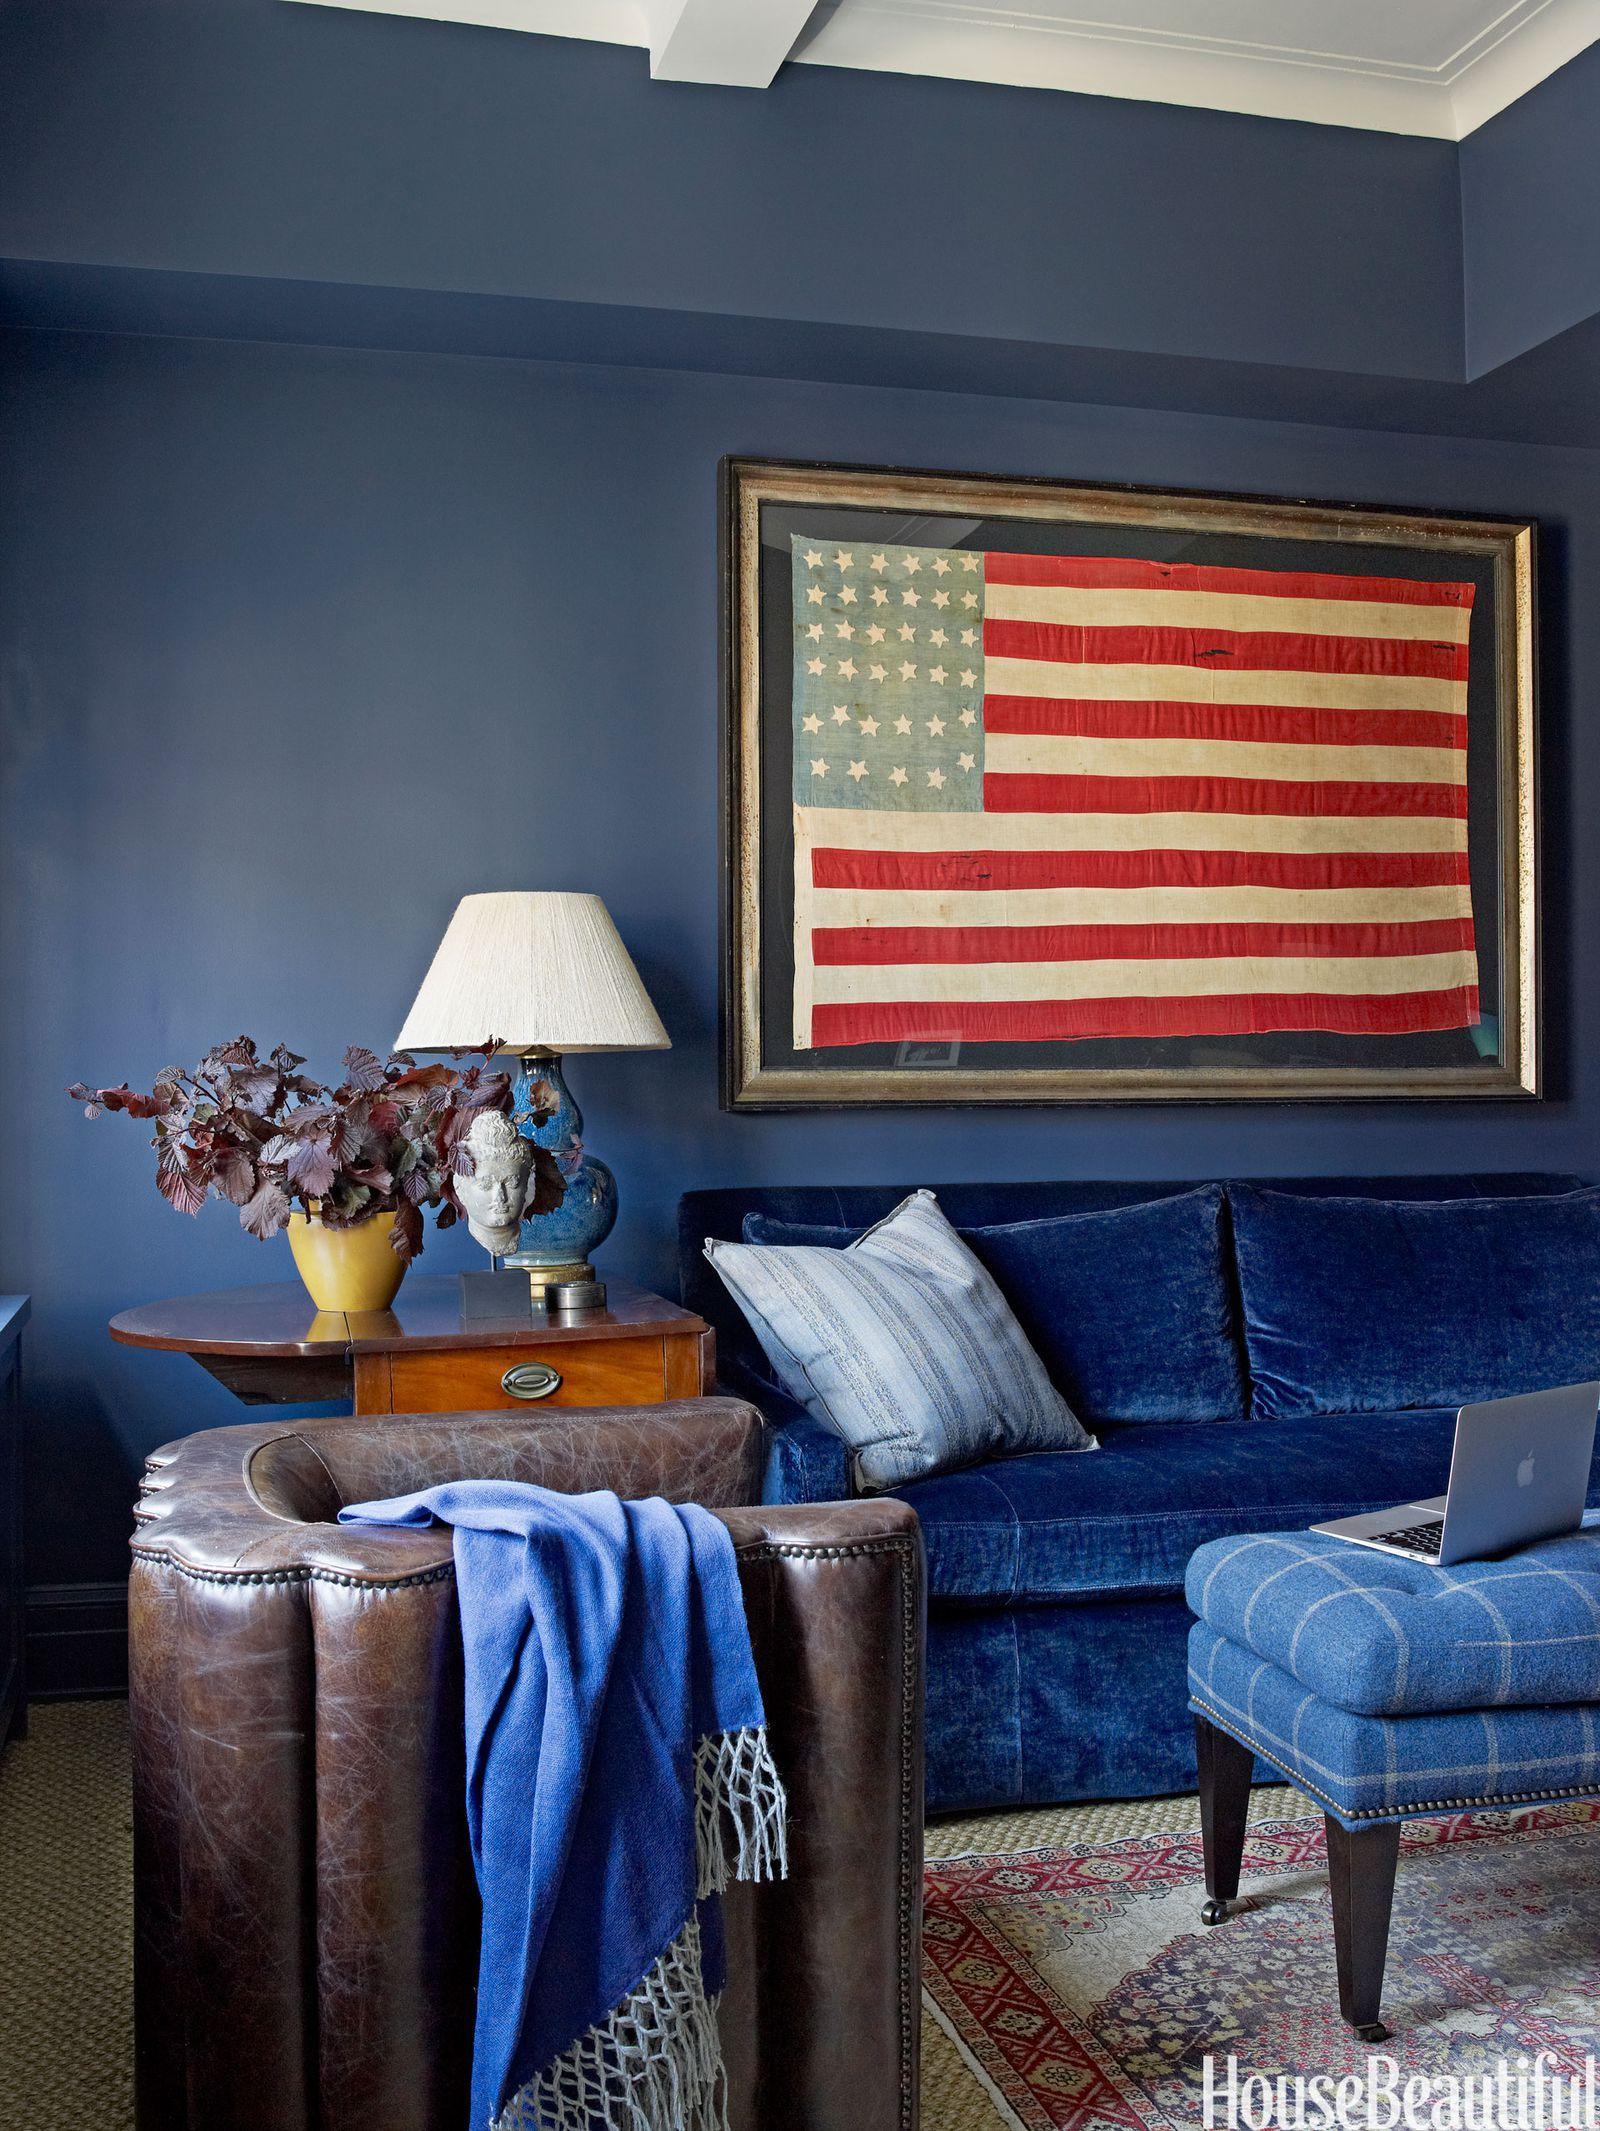 15 Impressive Rooms That Boast Patriotic Decor